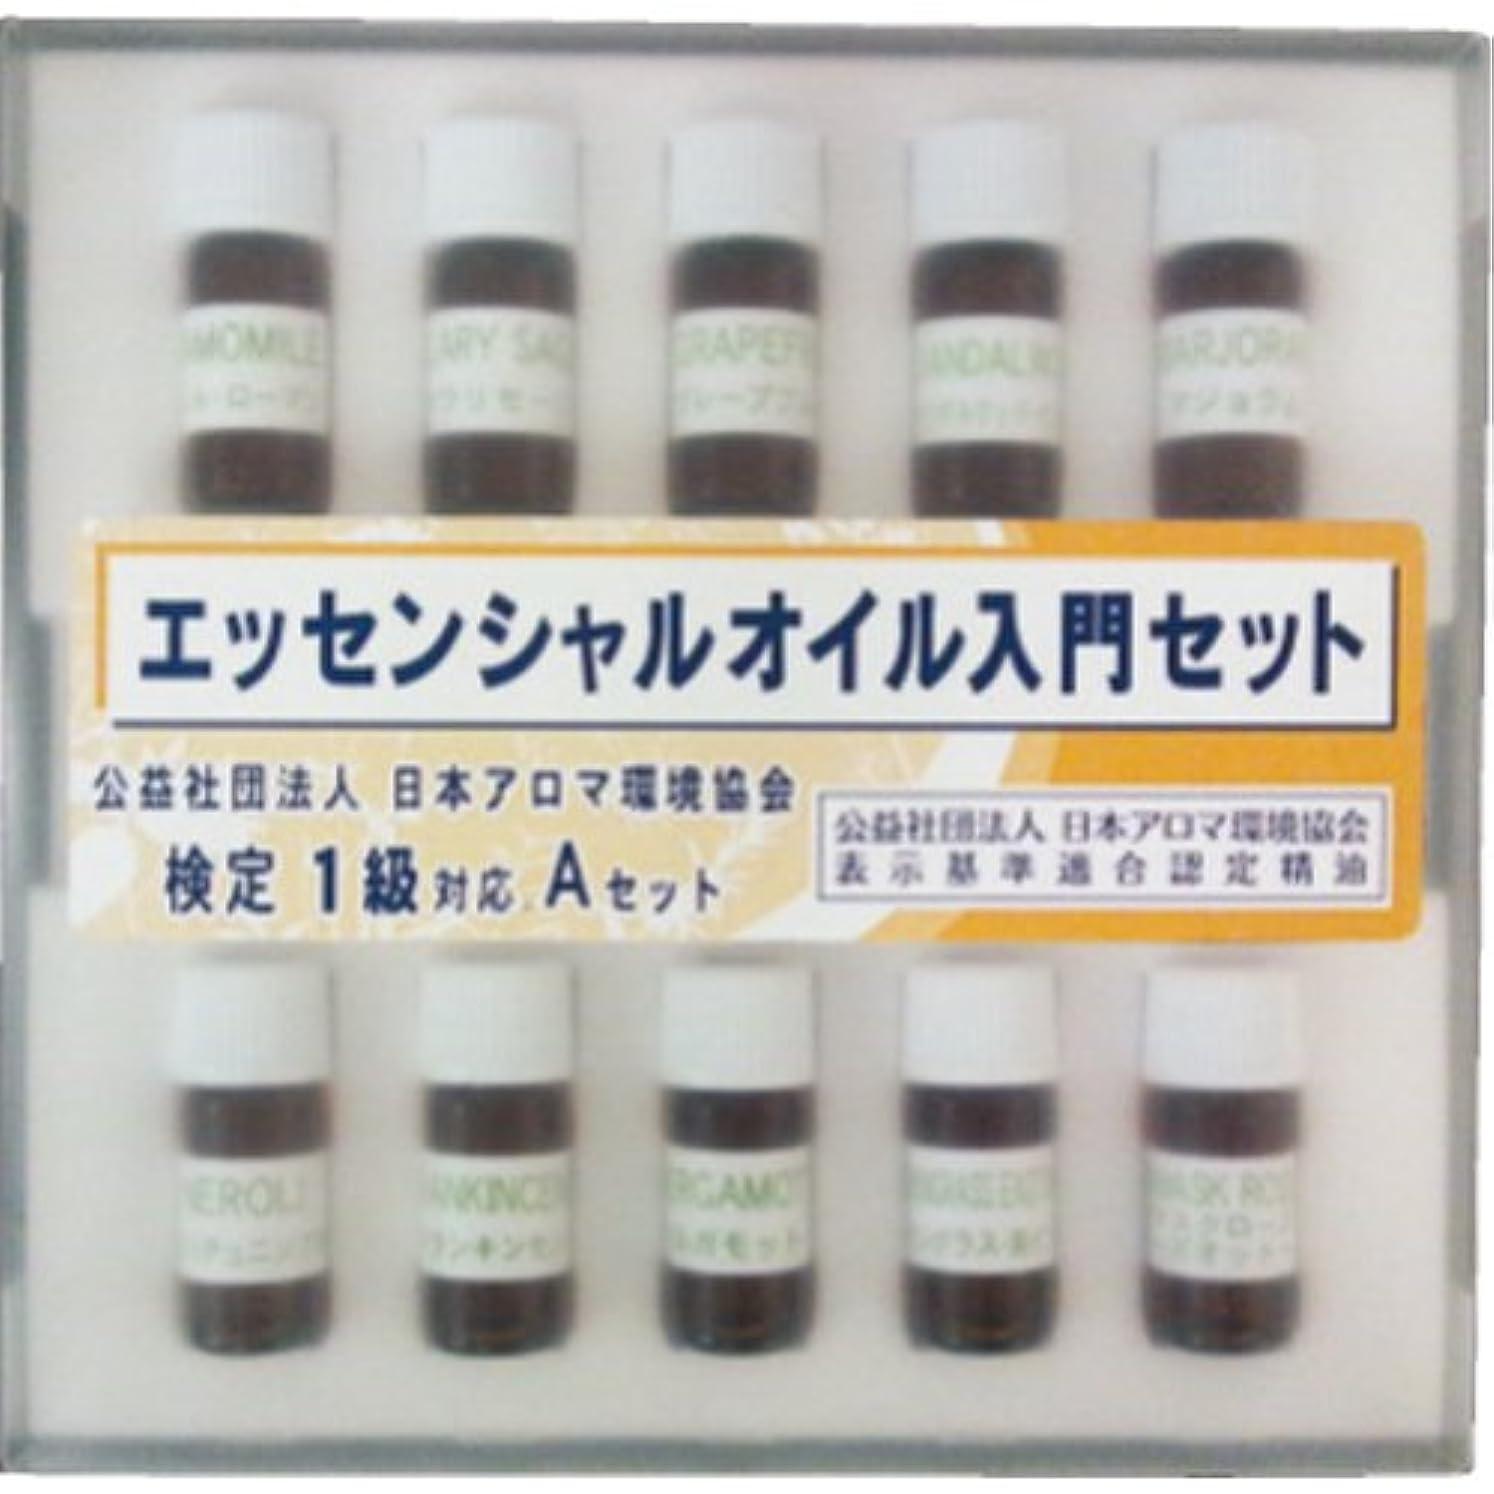 乞食高さ請求可能生活の木 (公社)日本アロマ環境協会資格試験対応セット 検定1級対応Aセット